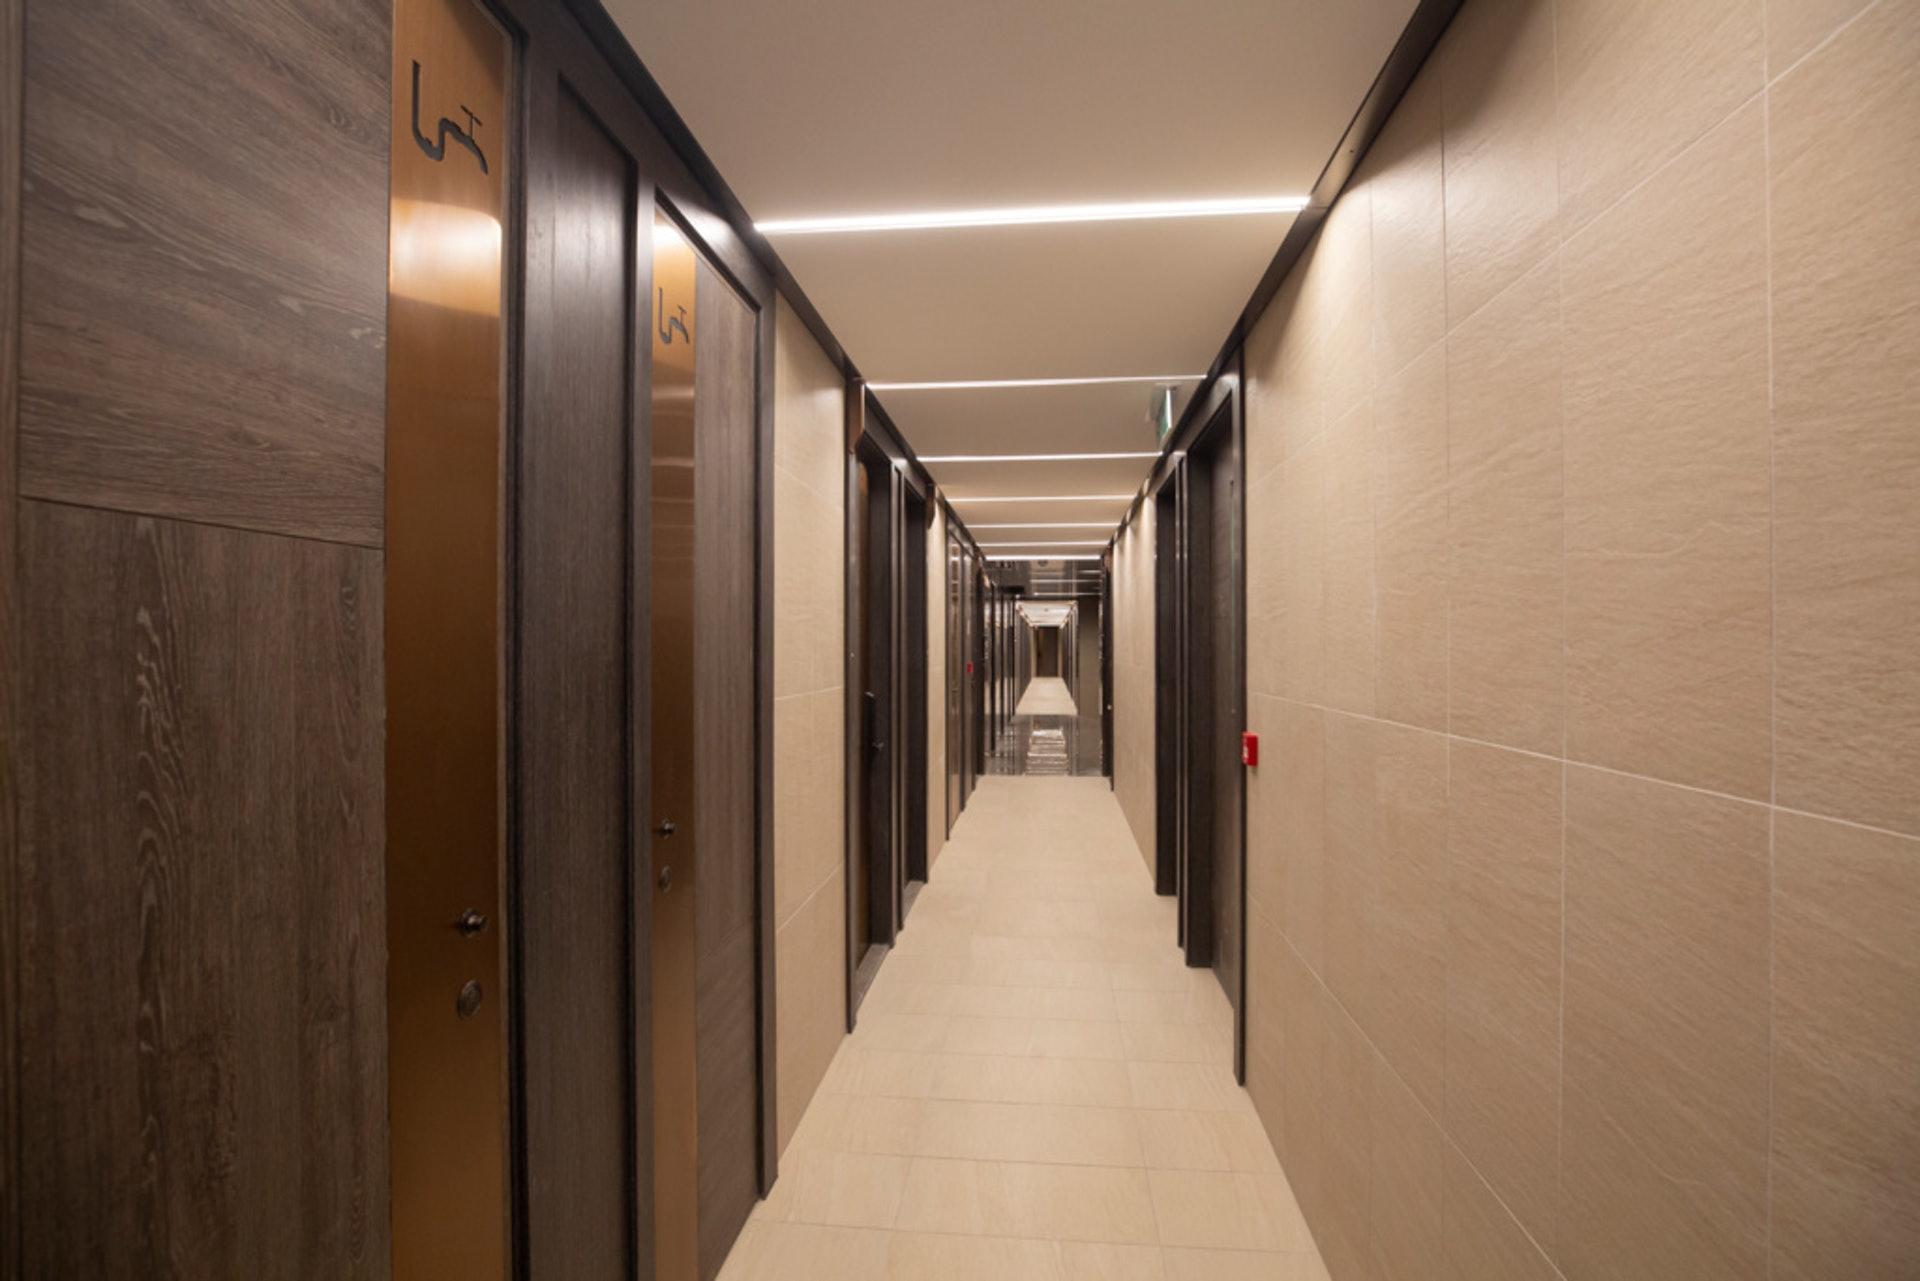 菁雋一層共有36個單位,尤其以128方呎「龍床盤」最受關注。﹙資料圖片﹚